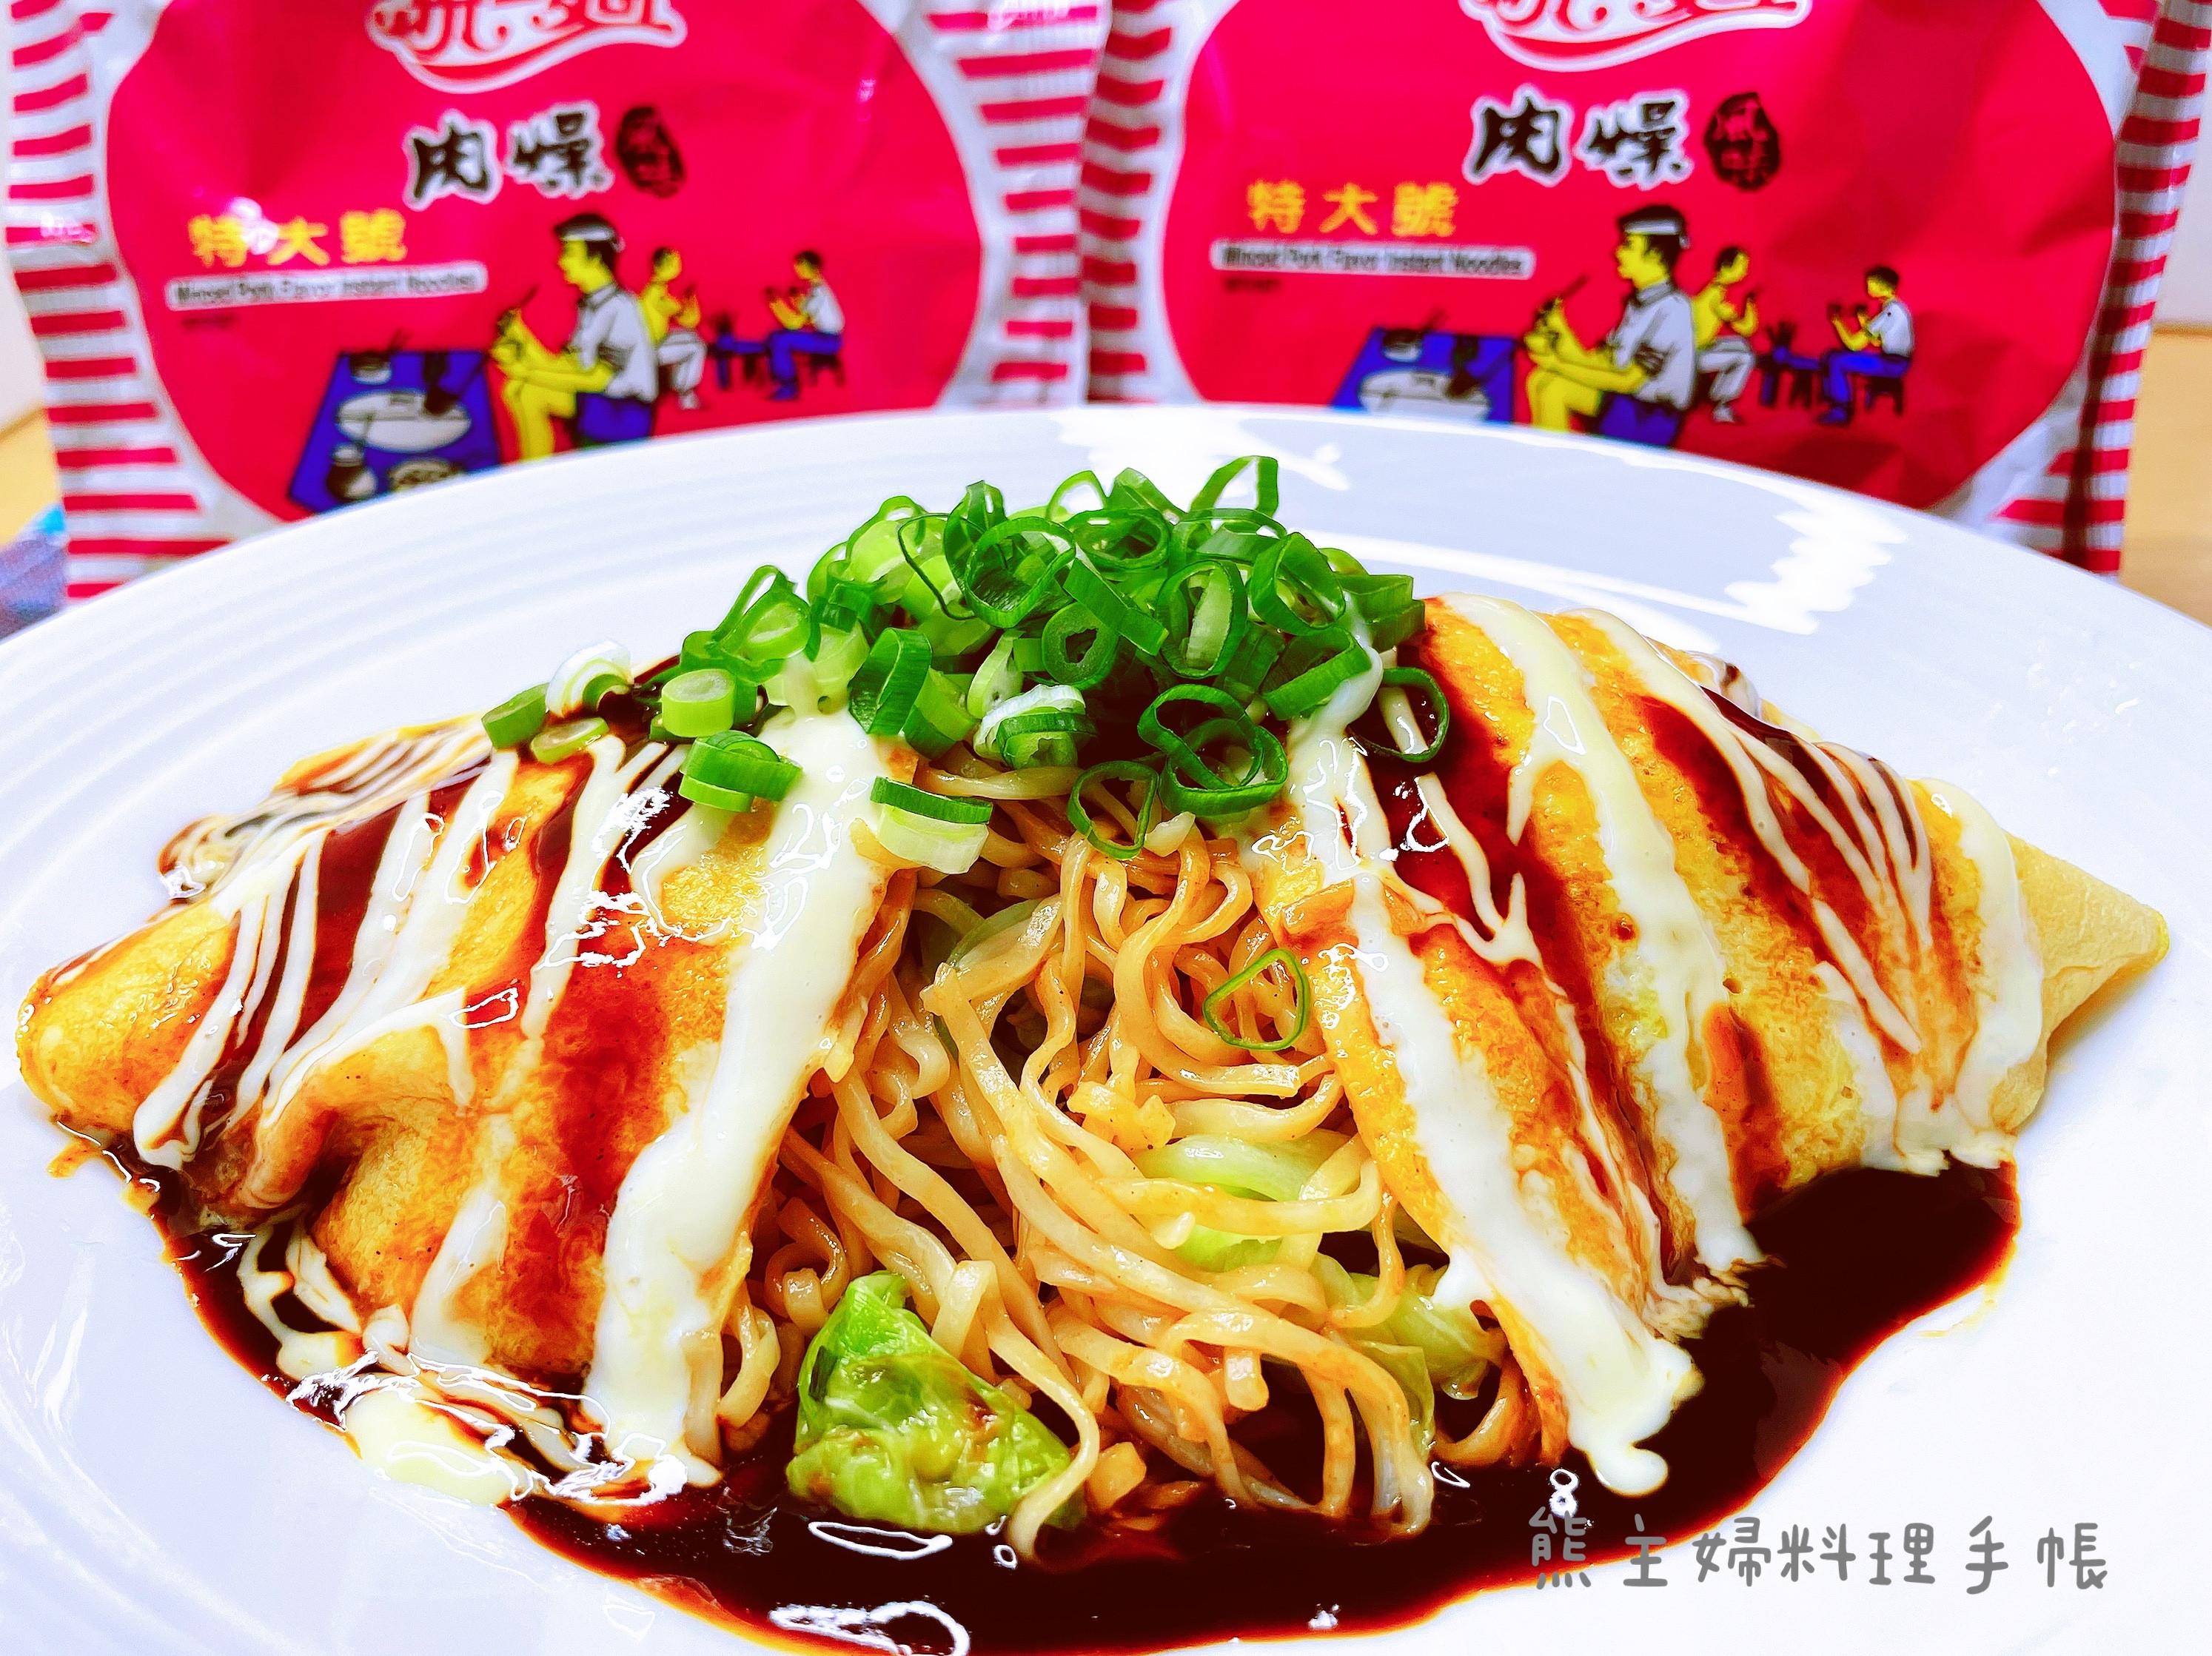 蛋包日式炒麵(統一肉燥麵)